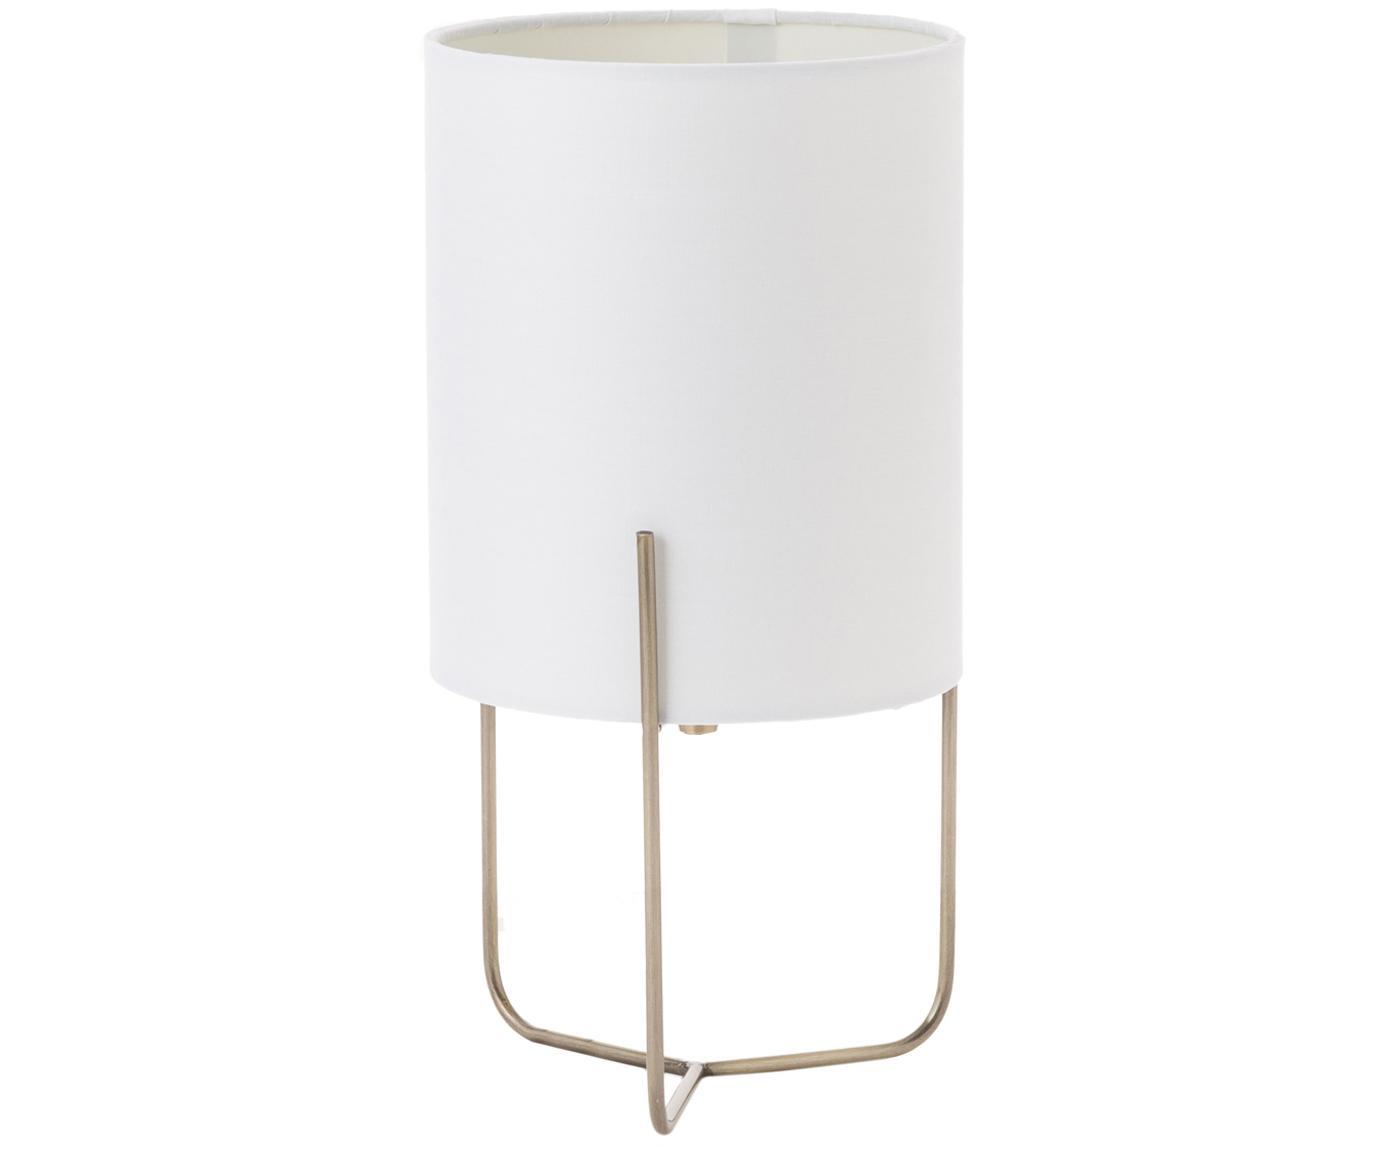 Lampada da tavolo Odin, Base della lampada: ottone, Paralume: poliestere, Bianco, dorato, Ø 15 x Alt. 30 cm